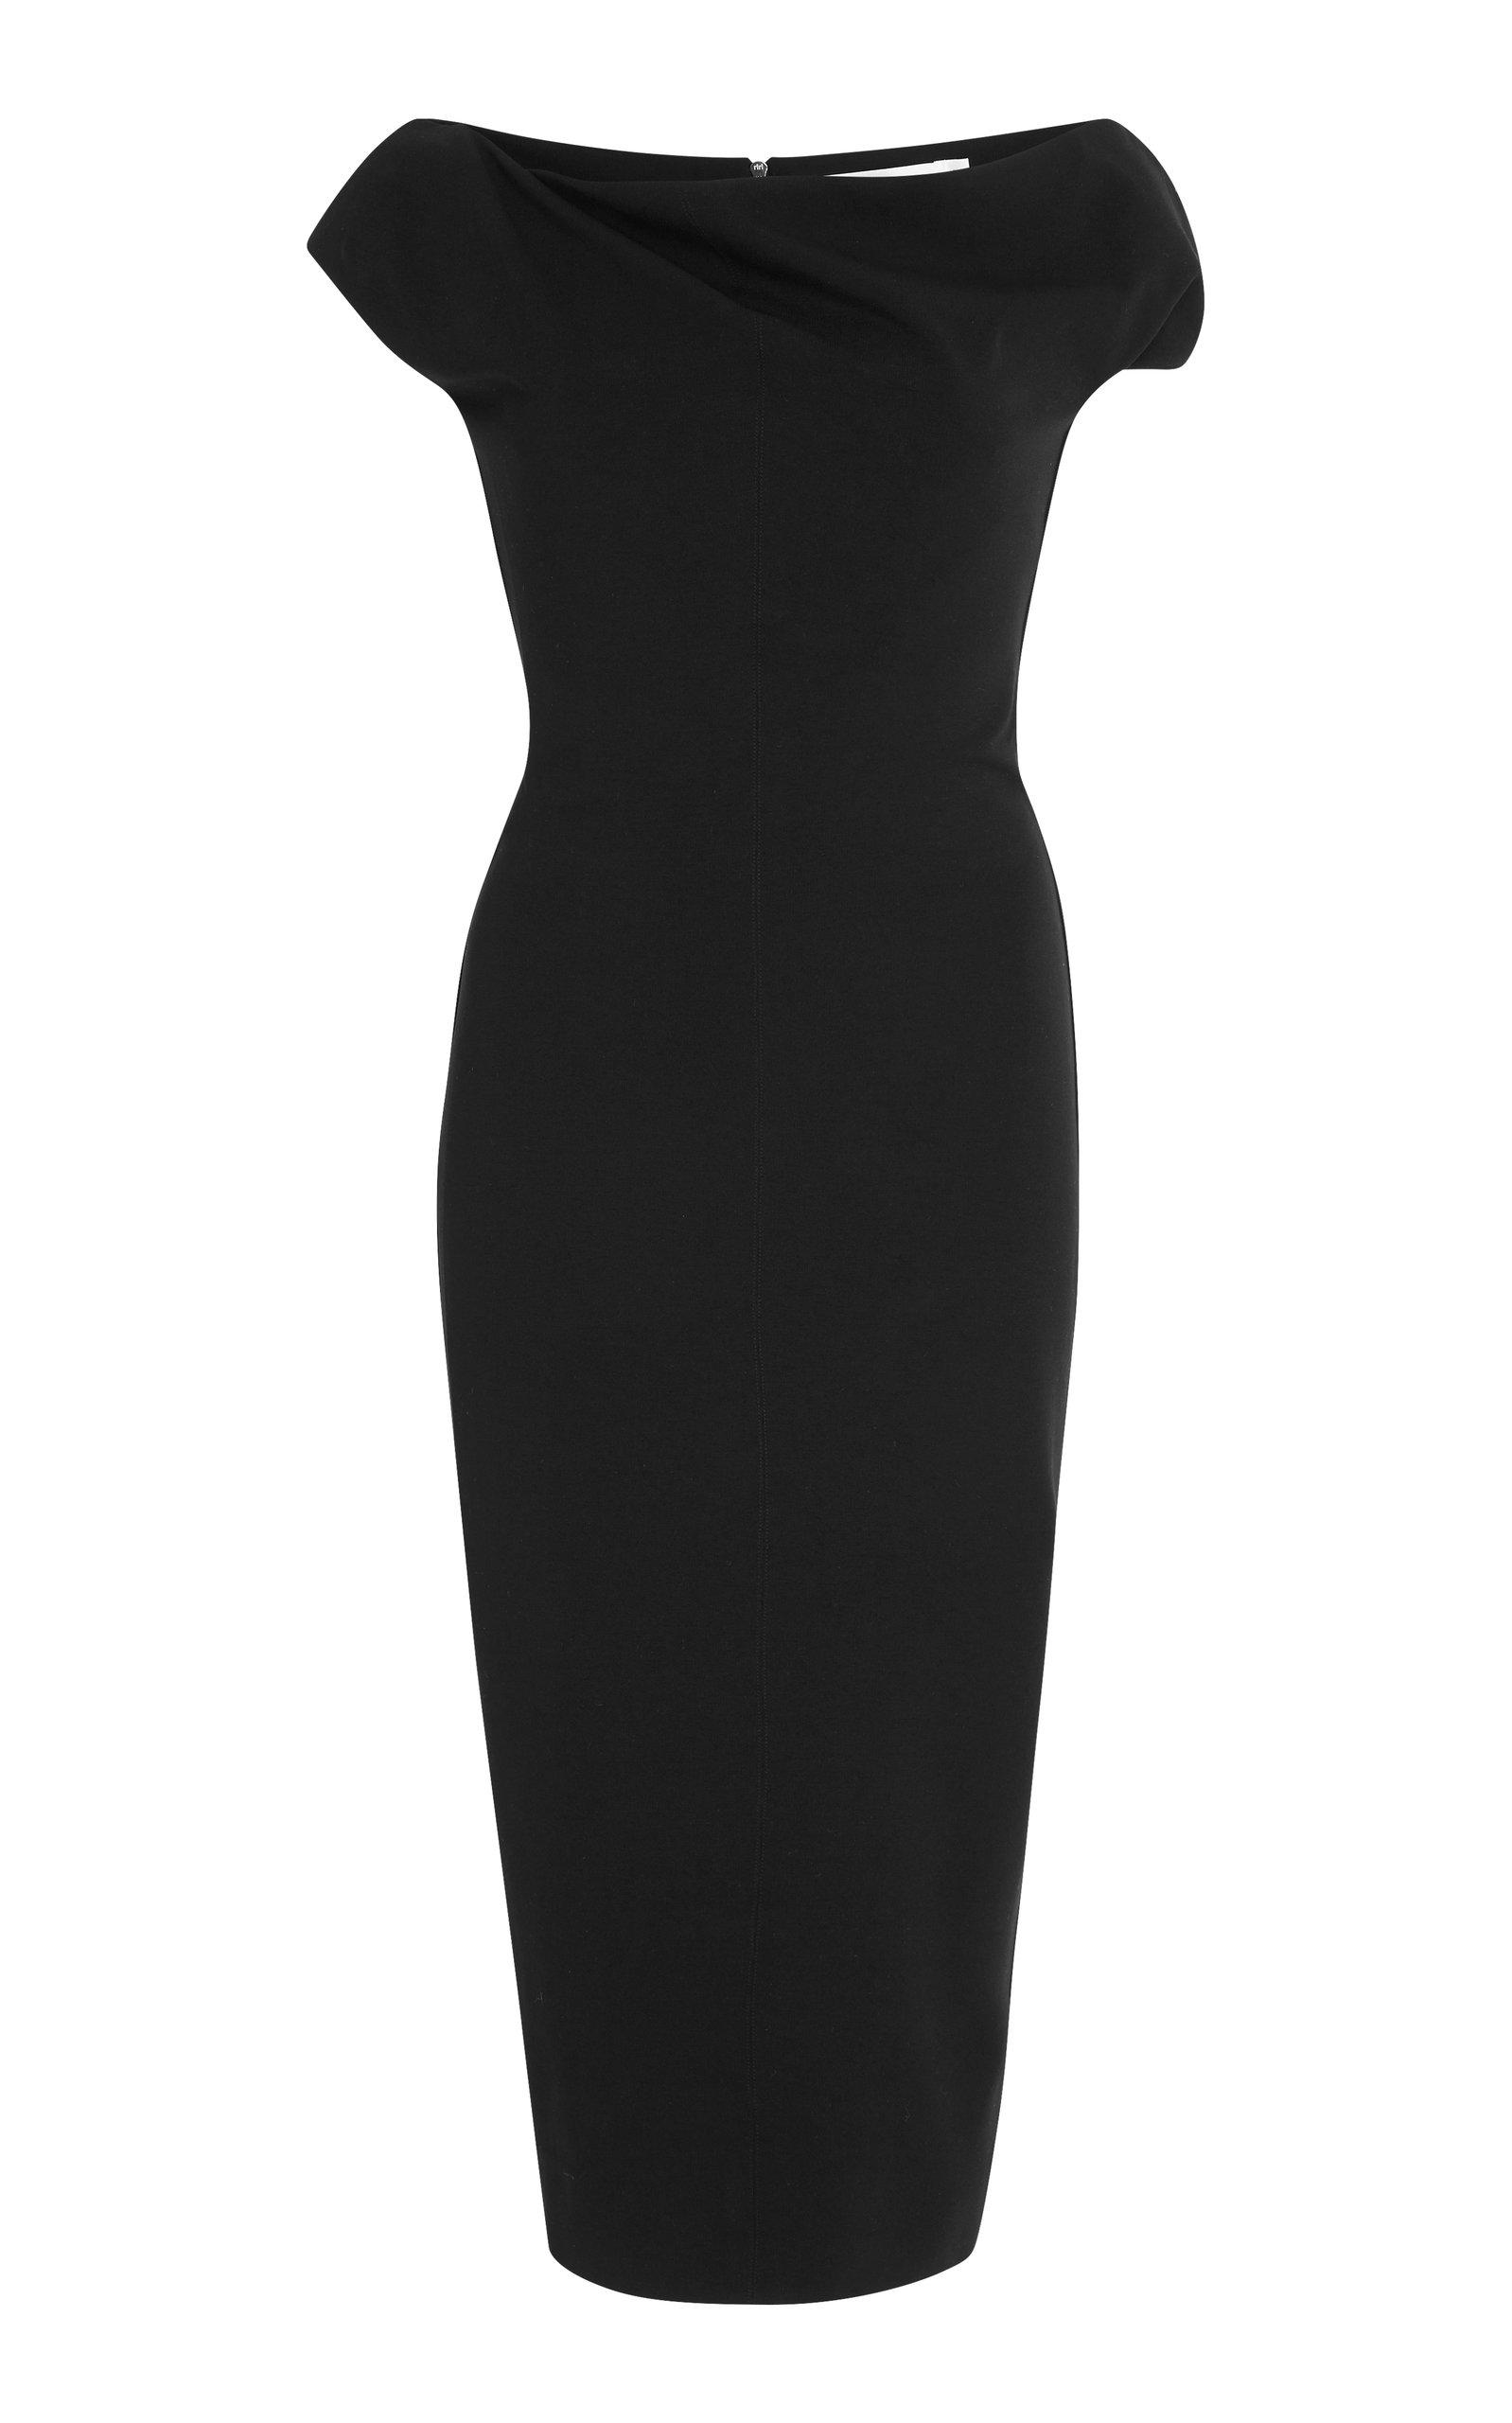 Draped Jersey Dress Victoria Beckham Cheap Get To Buy Amazon Cheap Price Cheap Sale Enjoy Buy Cheap Fashion Style Buy Cheap Genuine tC2nocNR9O